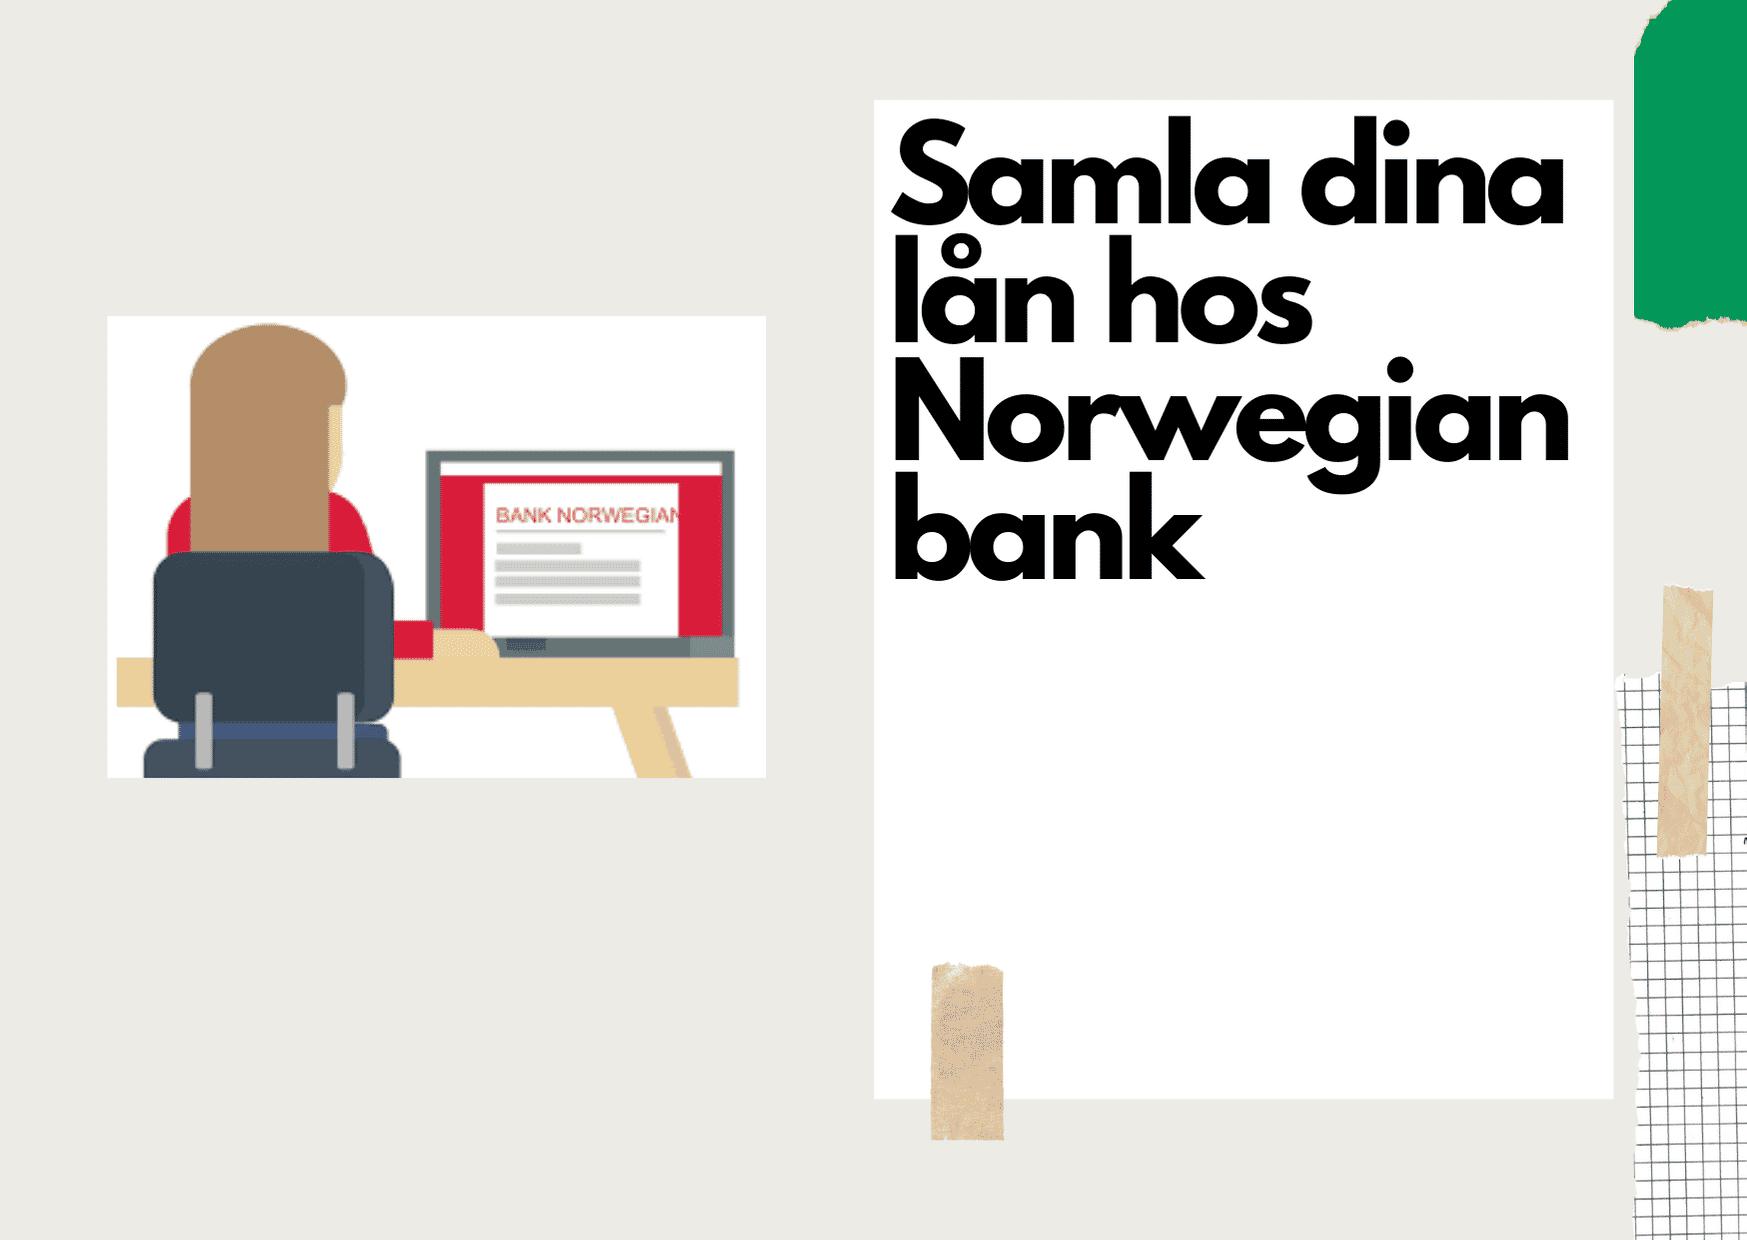 Samla dina lån hos Norwegian bank